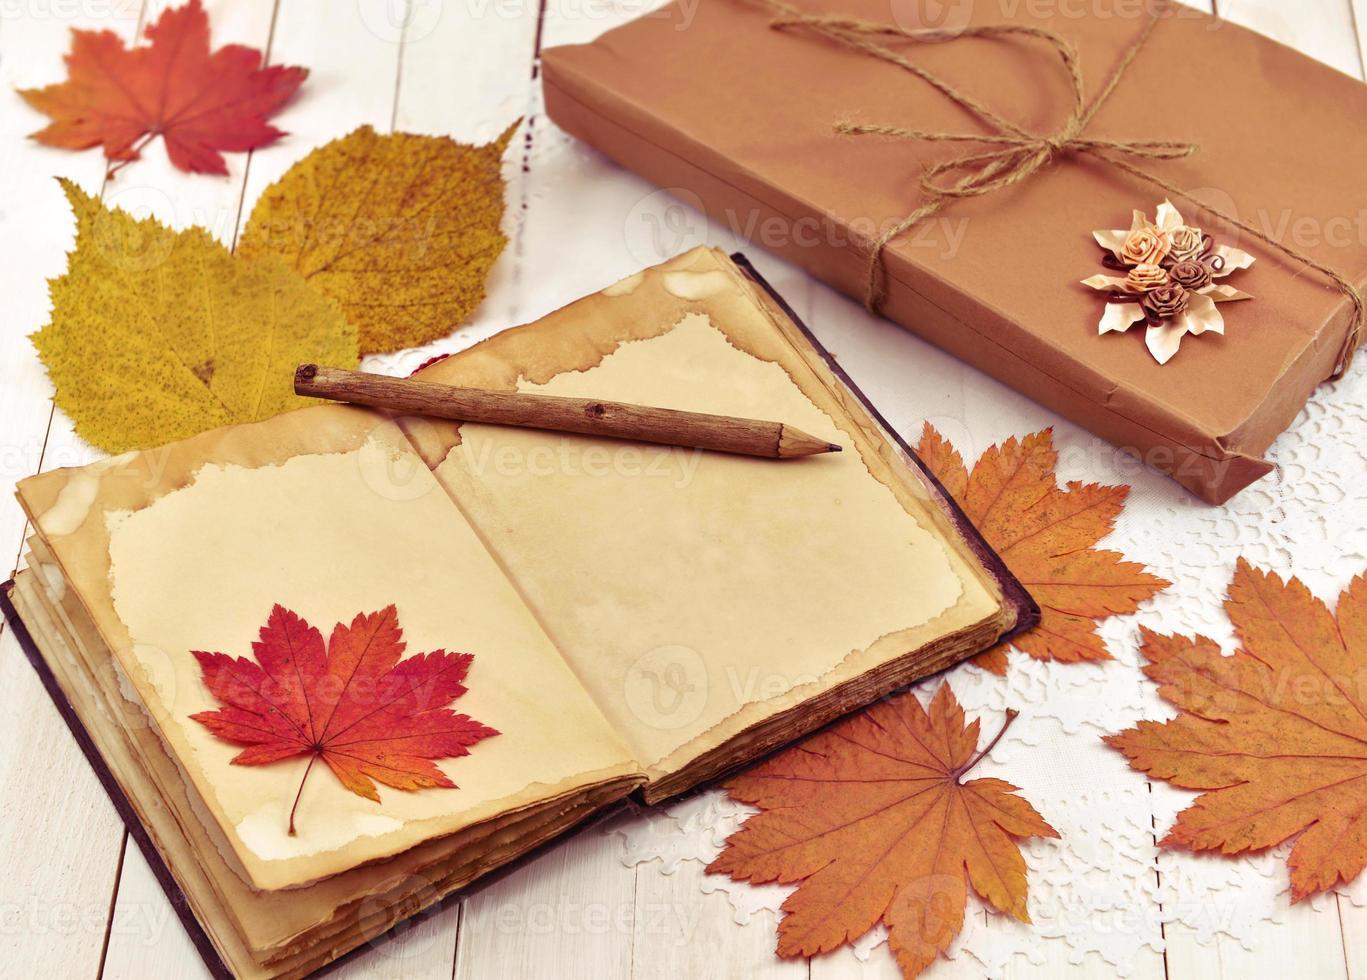 automne nature morte avec livre, feuilles et cadeau emballé photo